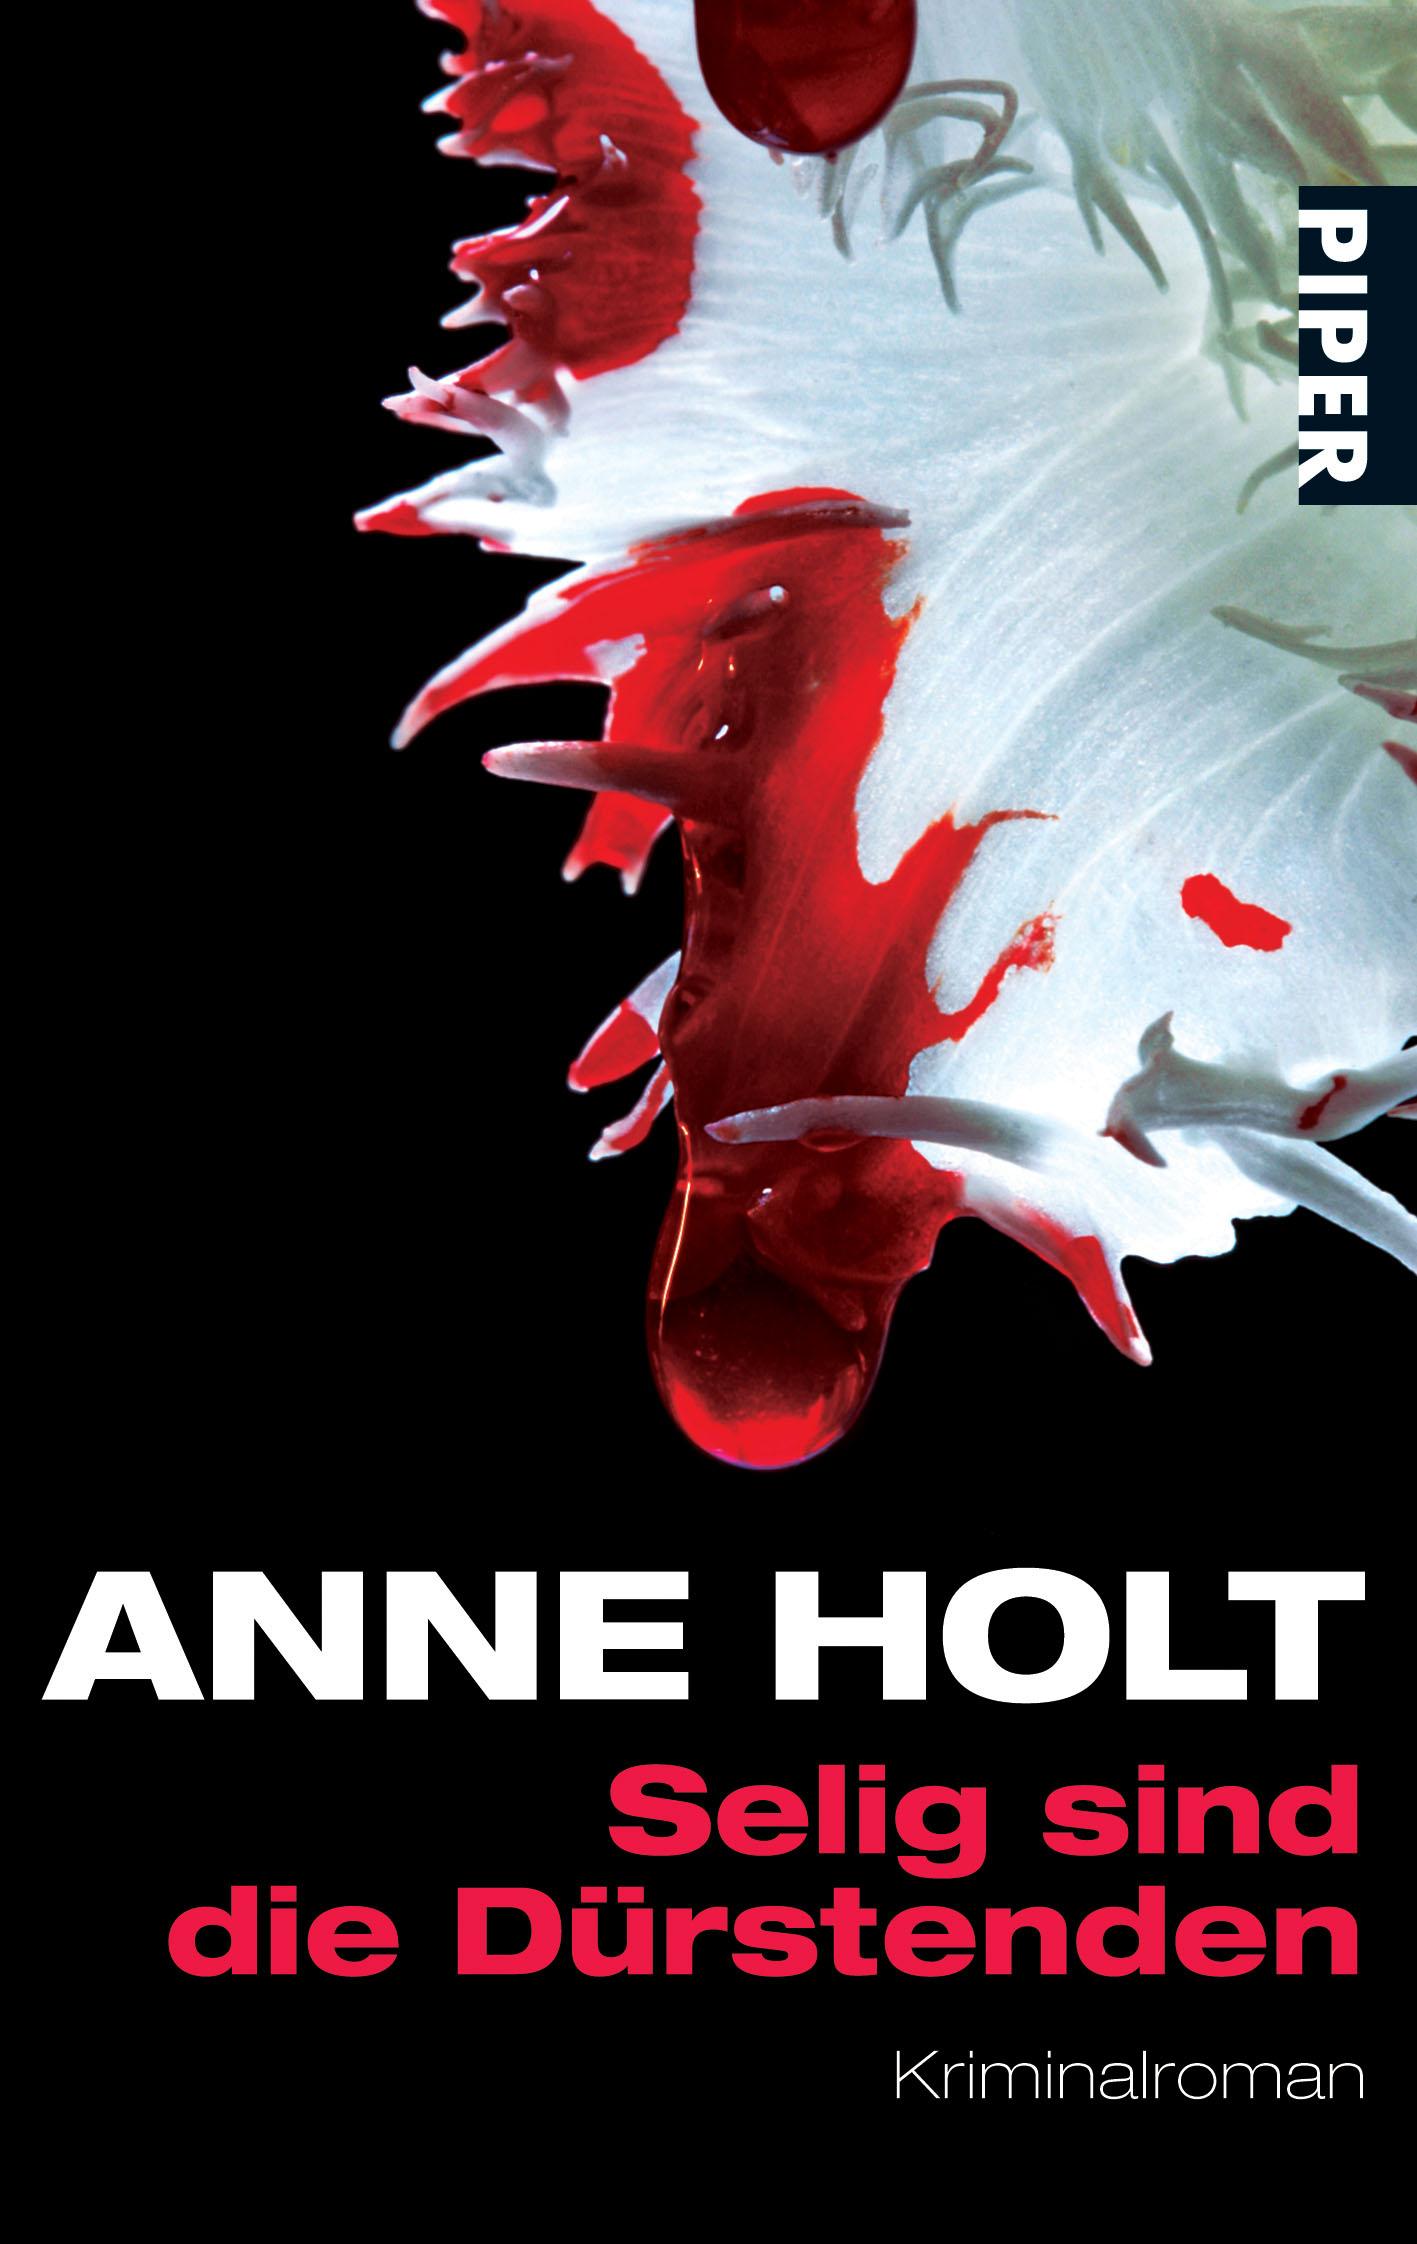 Selig sind die Dürstenden - Anne Holt